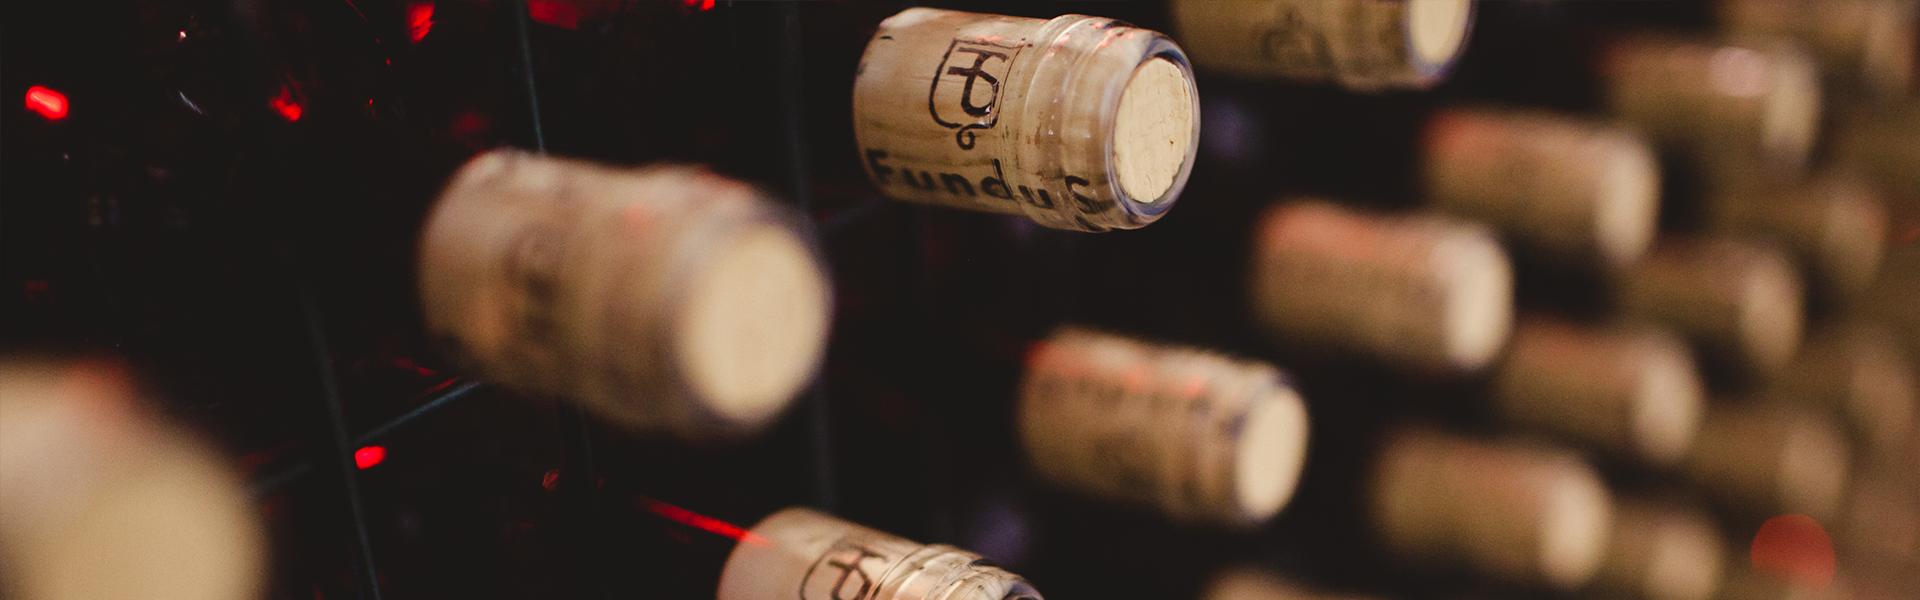 vinos04